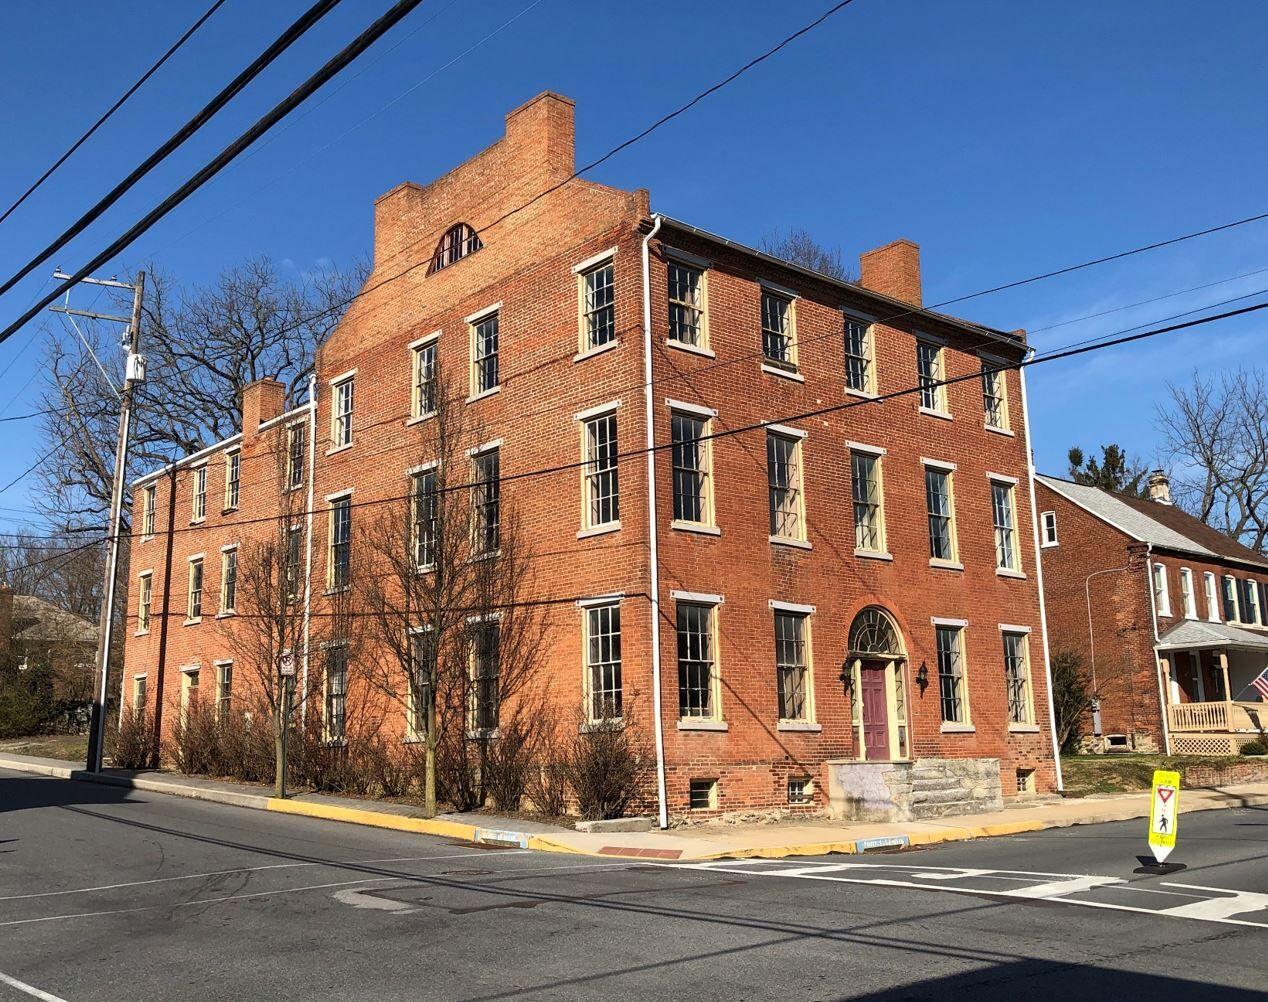 HG A13 Linden House Marietta PA c1814.jpg